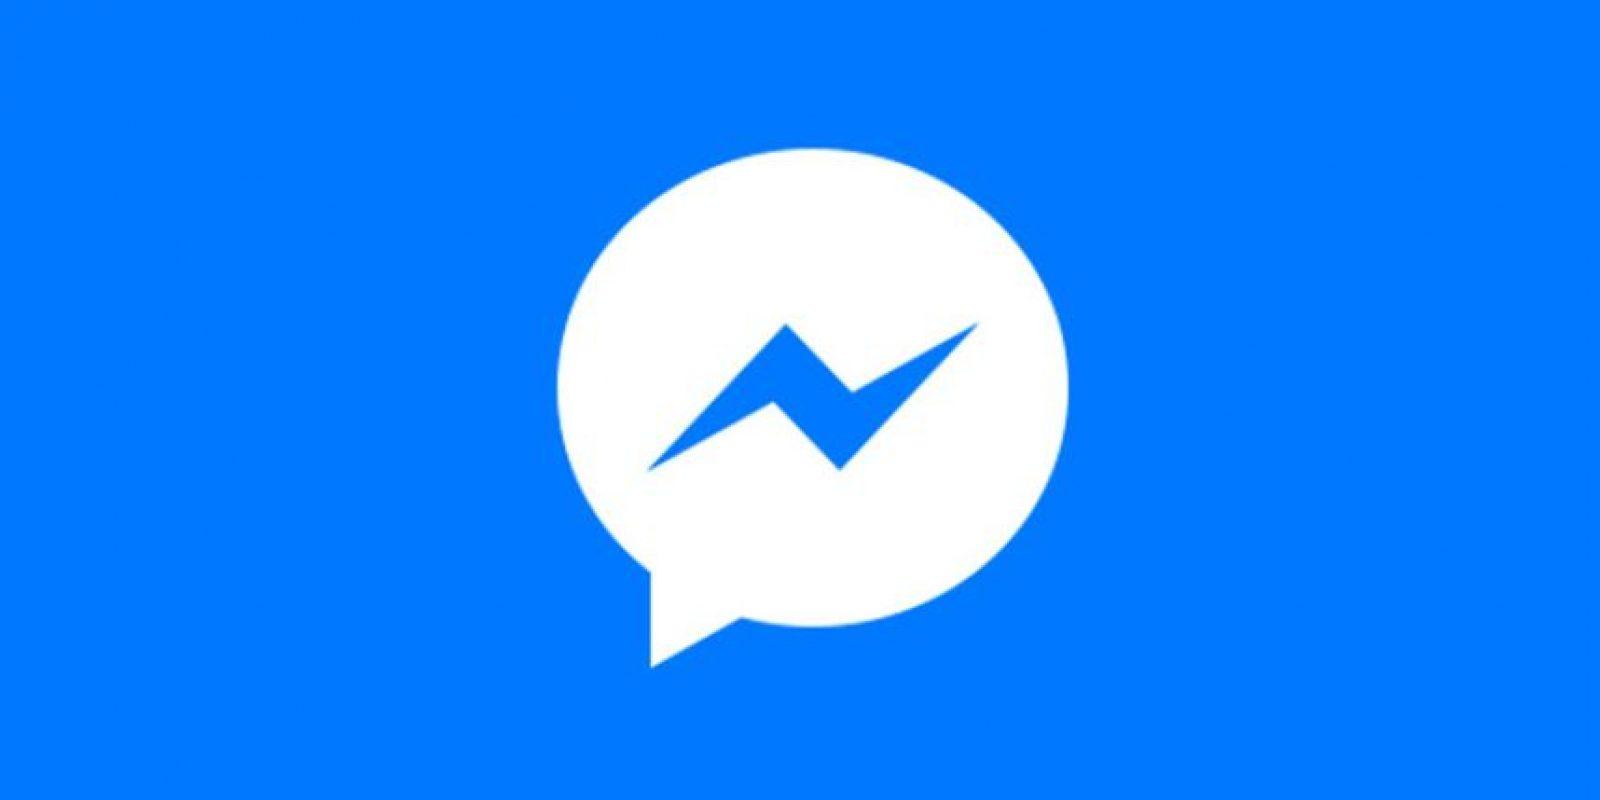 Facebook no ha publicado nada oficial al respecto, pero la página ya funciona sin problemas aparentes. Foto:Facebook